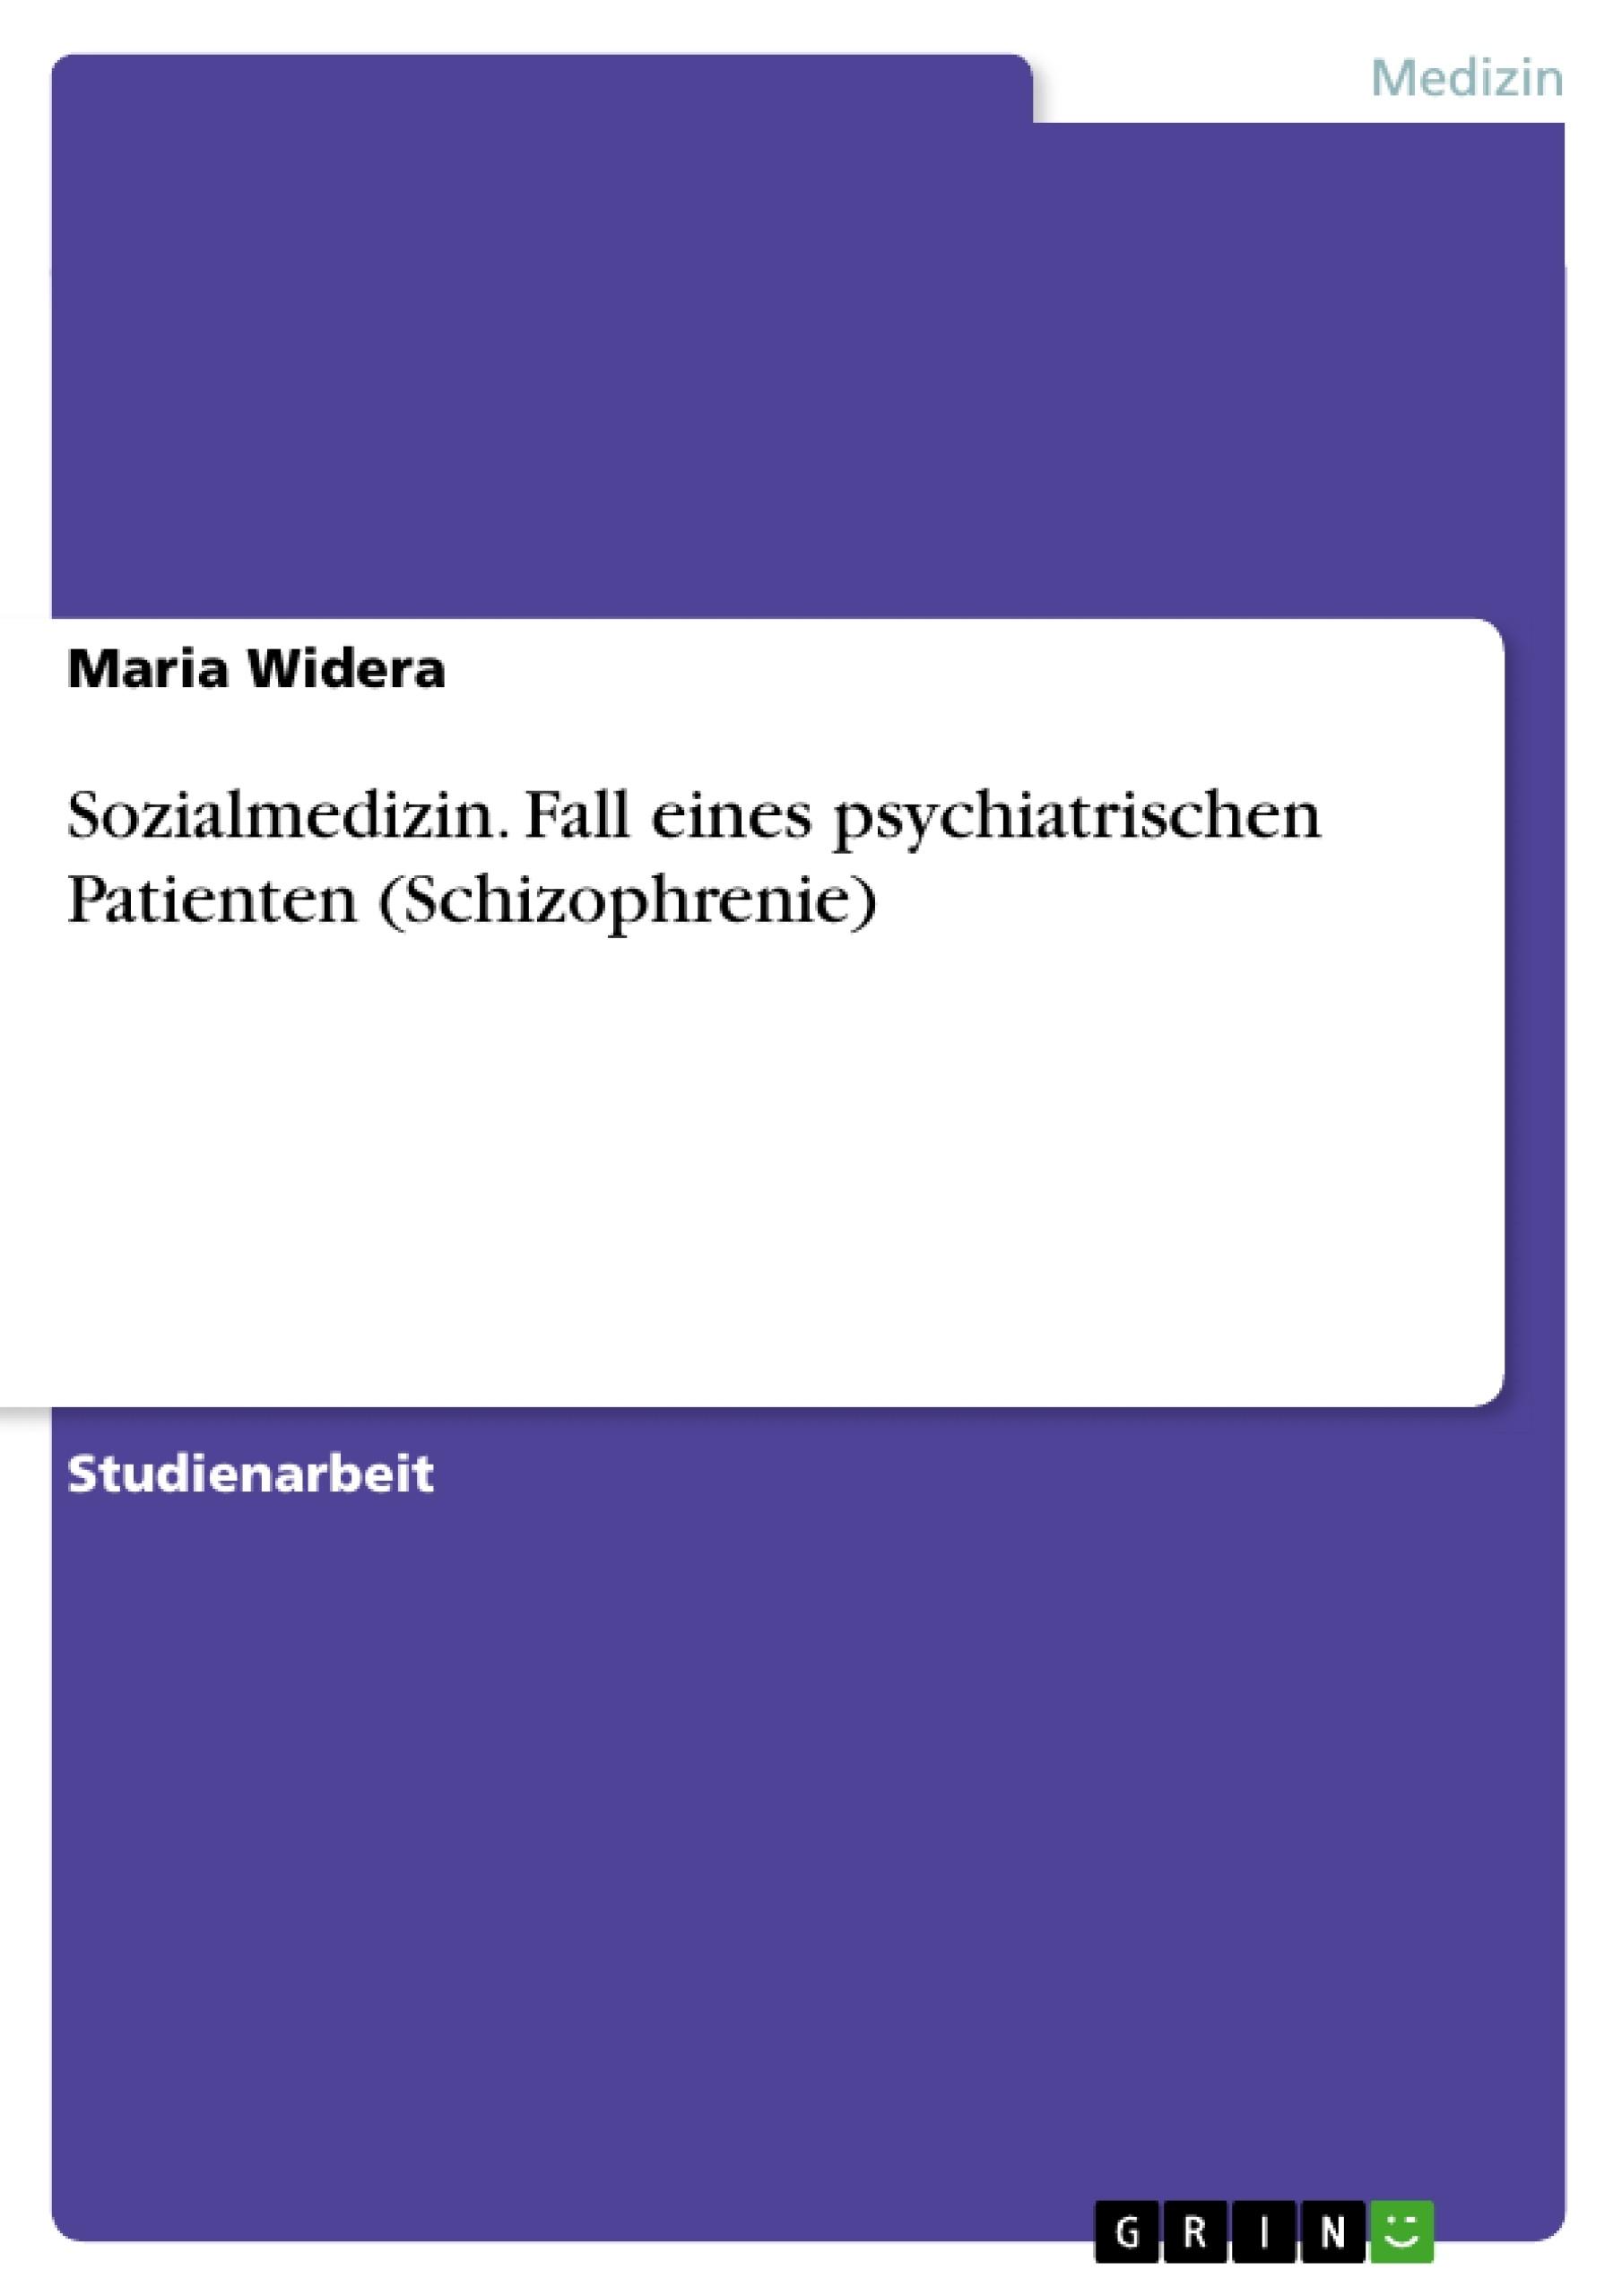 Titel: Sozialmedizin. Fall eines psychiatrischen Patienten (Schizophrenie)